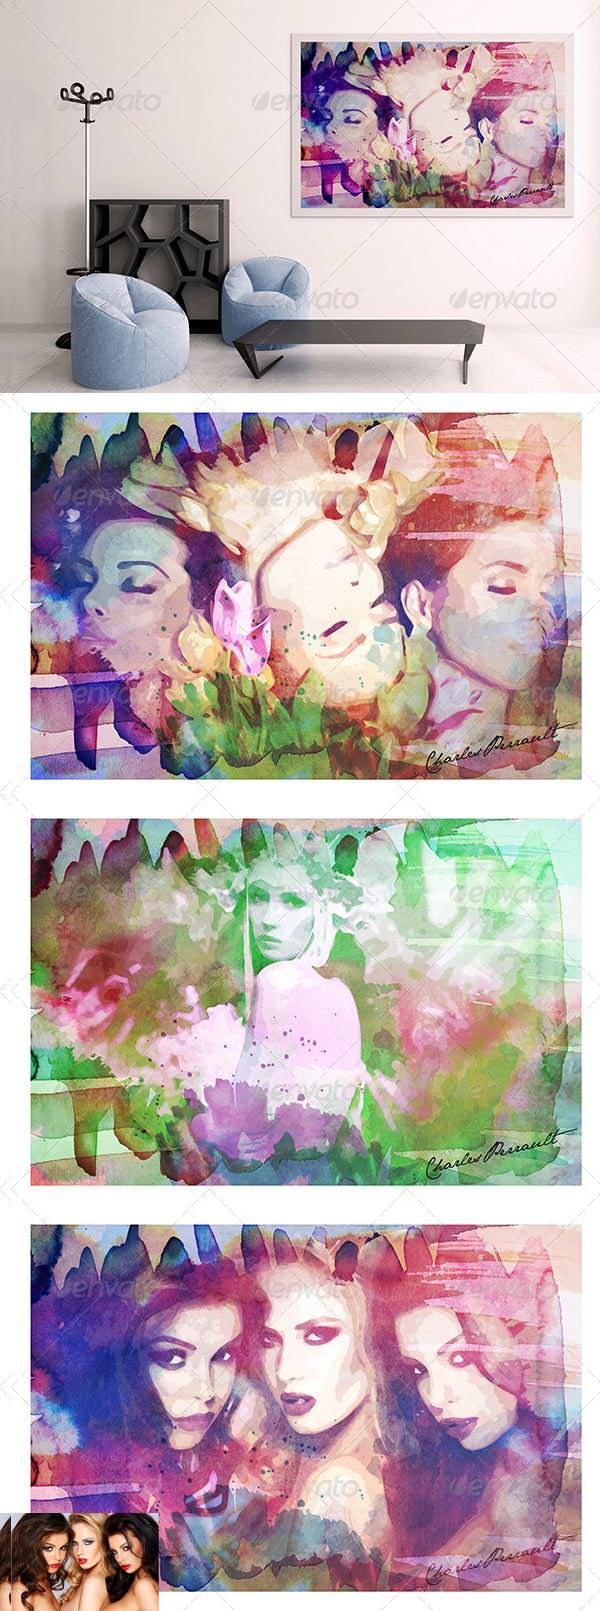 creative watercolor artwork template